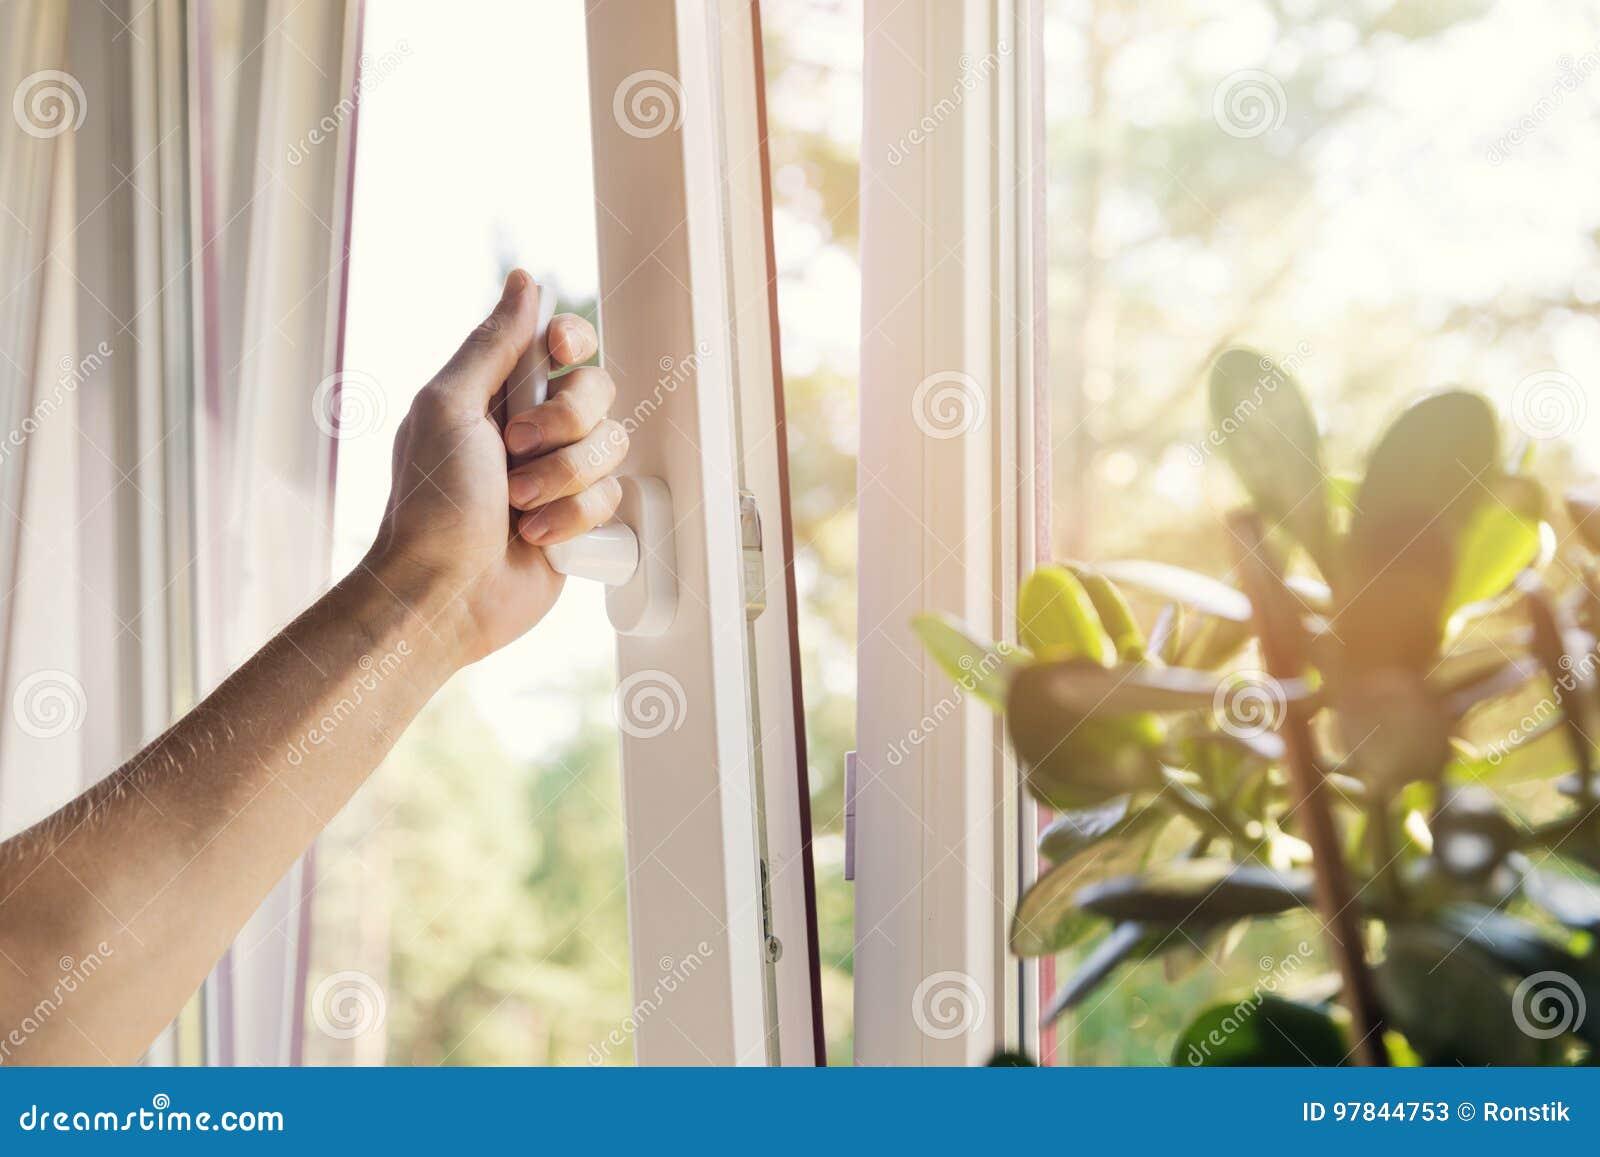 Janela aberta do pvc do plástico da mão em casa